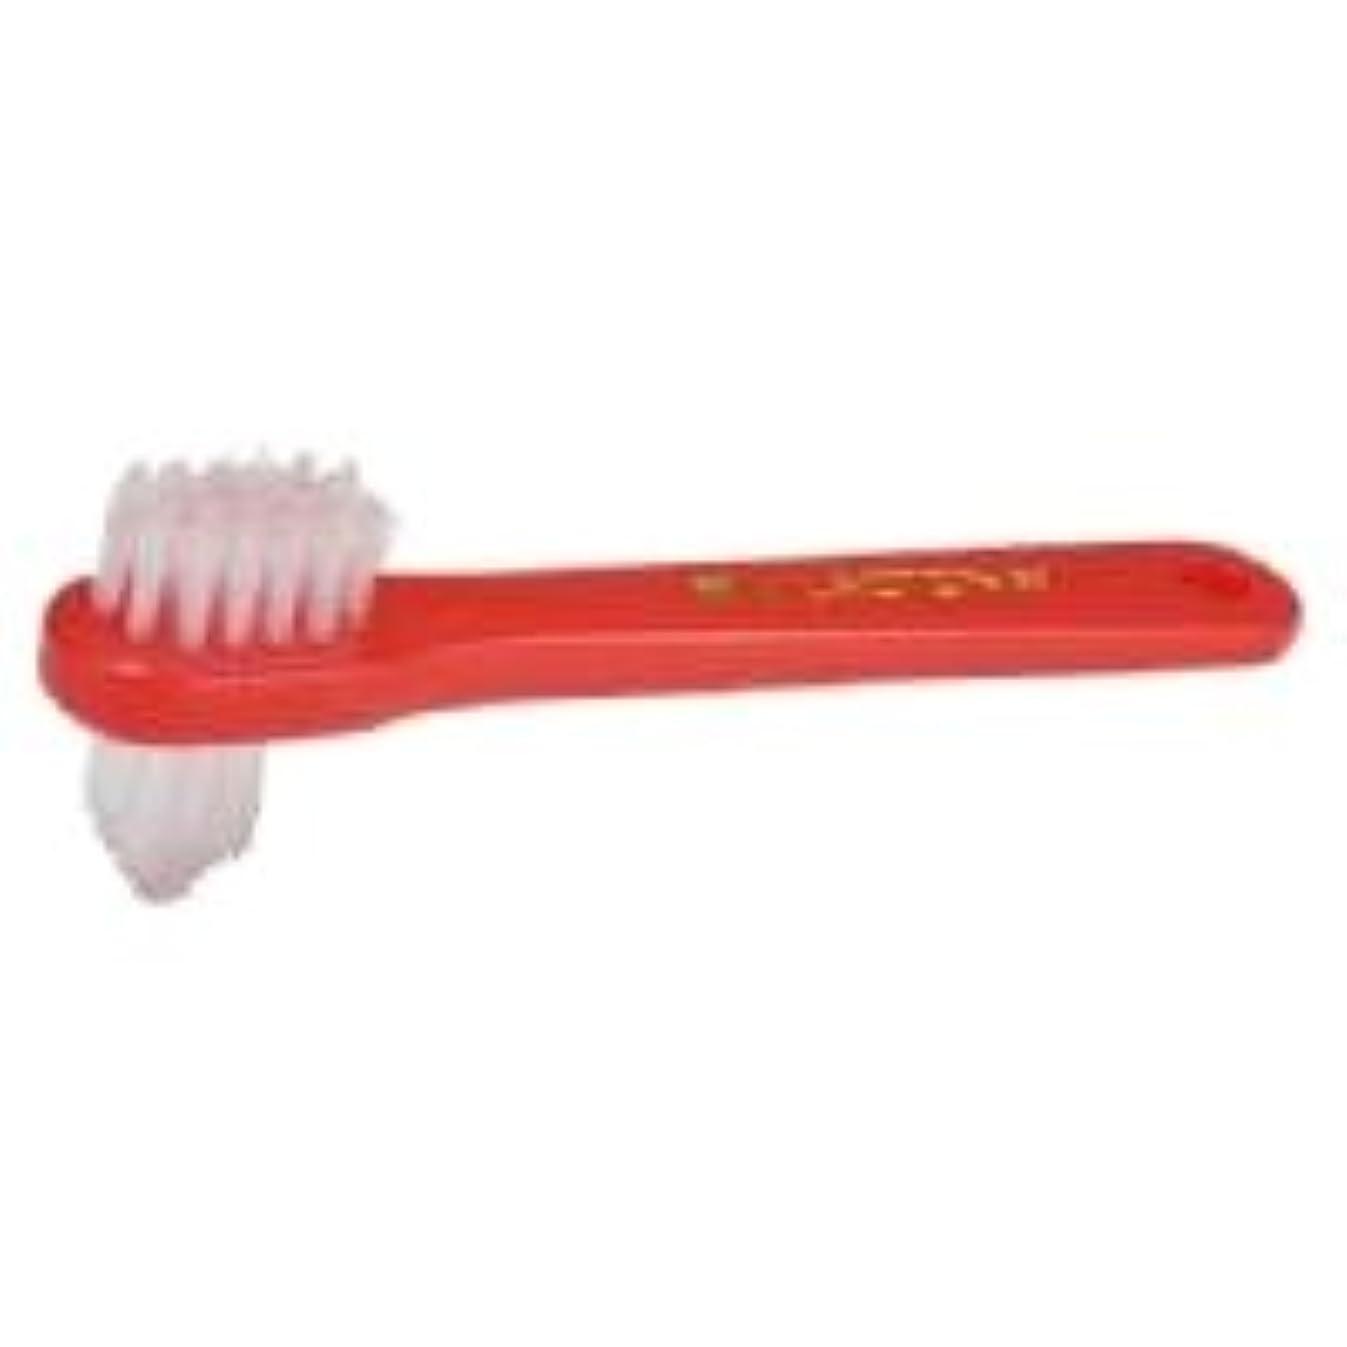 モネ執着共和党【ラクトナ】【歯科用】ラクトナ歯ブラシ #500 M 1本【義歯用ブラシ】